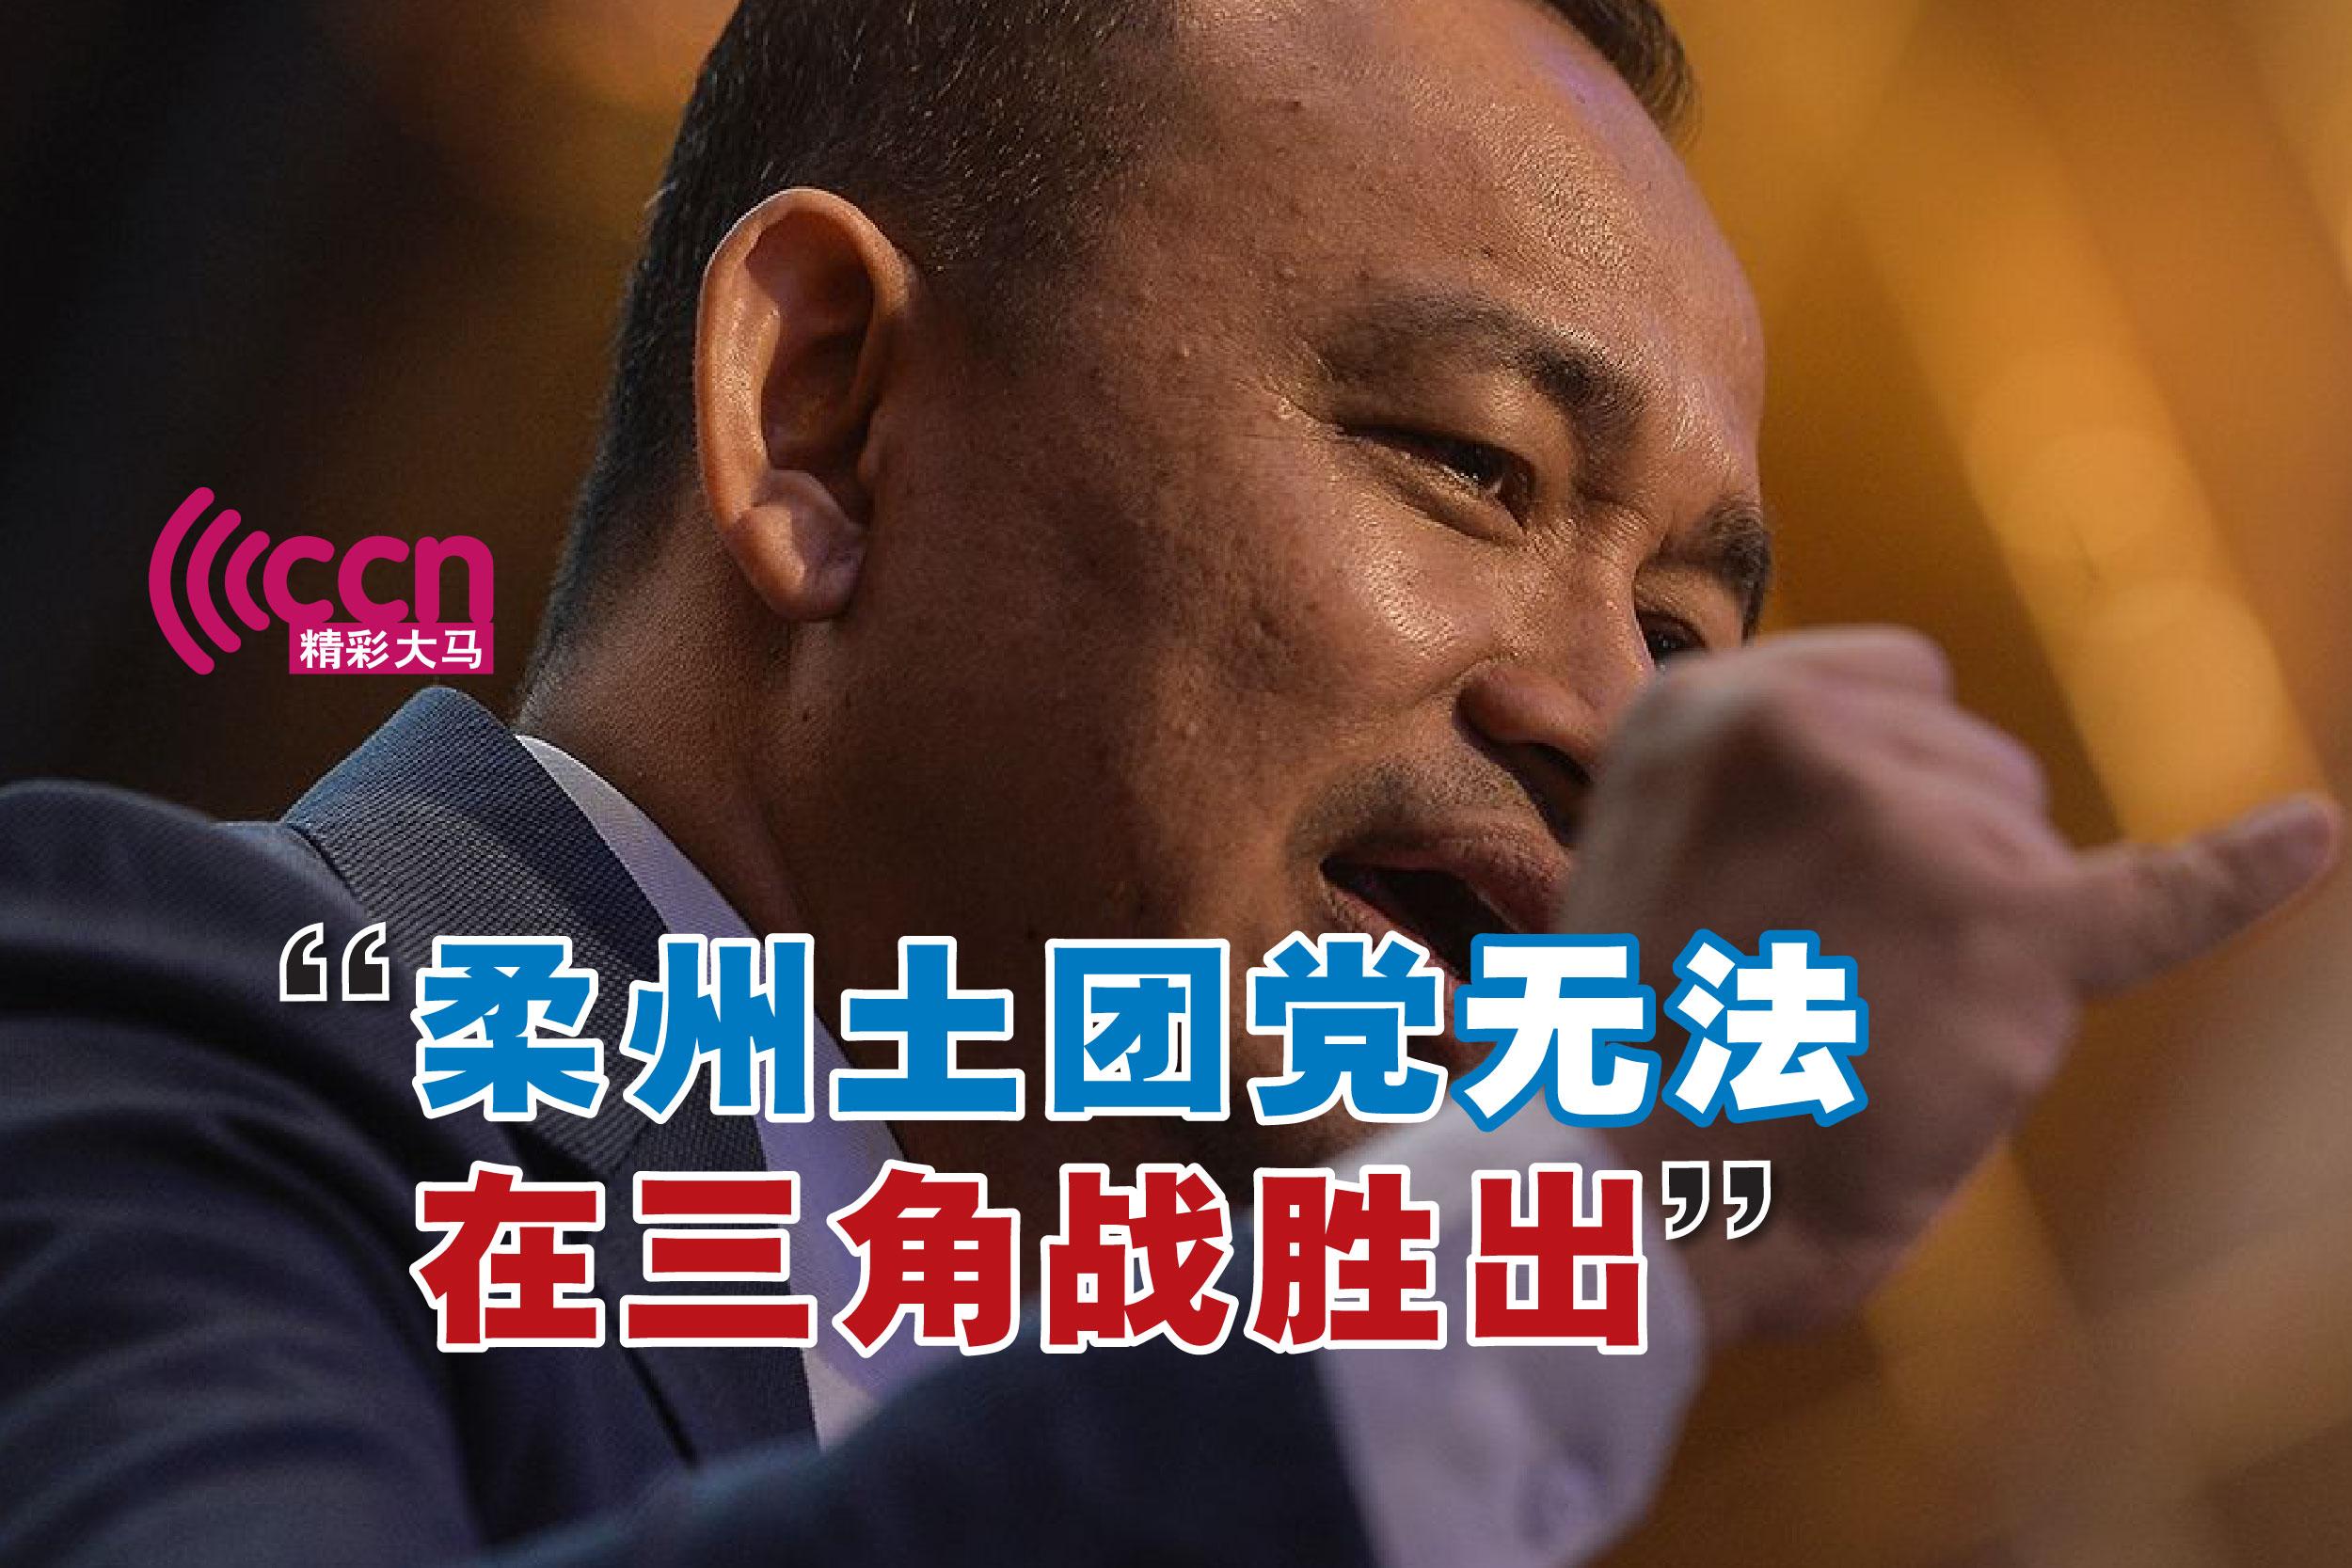 马智礼说,若马哈迪离开土团党,面对需与希盟竞争的时候,目前的基本盘不足以让土团党在三角战中胜出。-精彩大马制图-